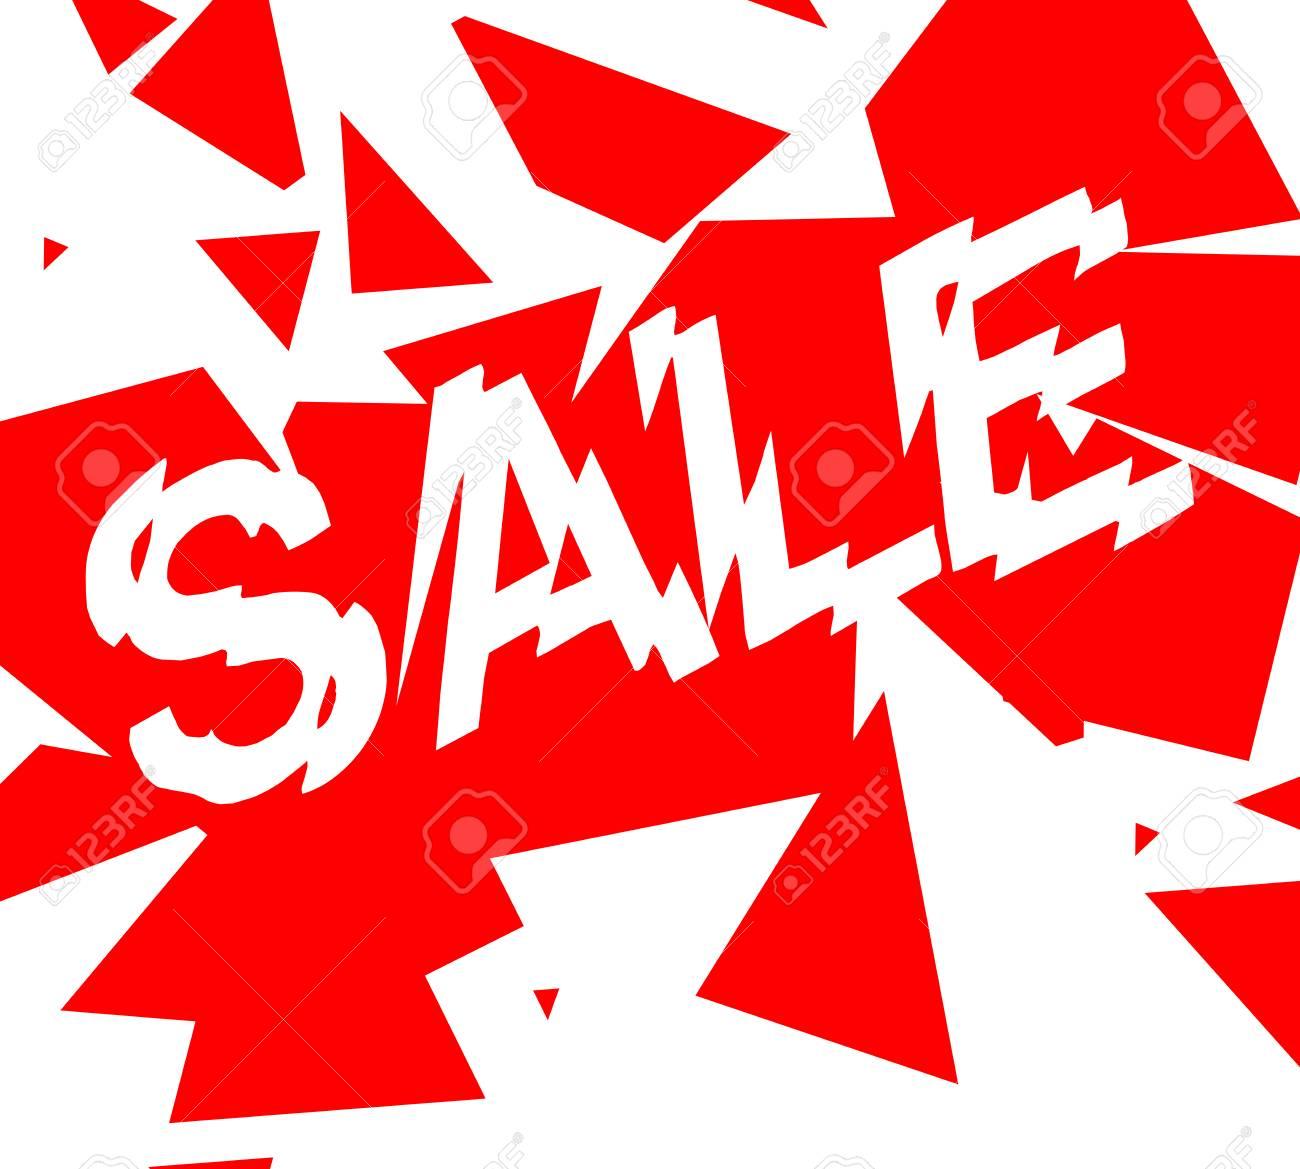 Sample sales.